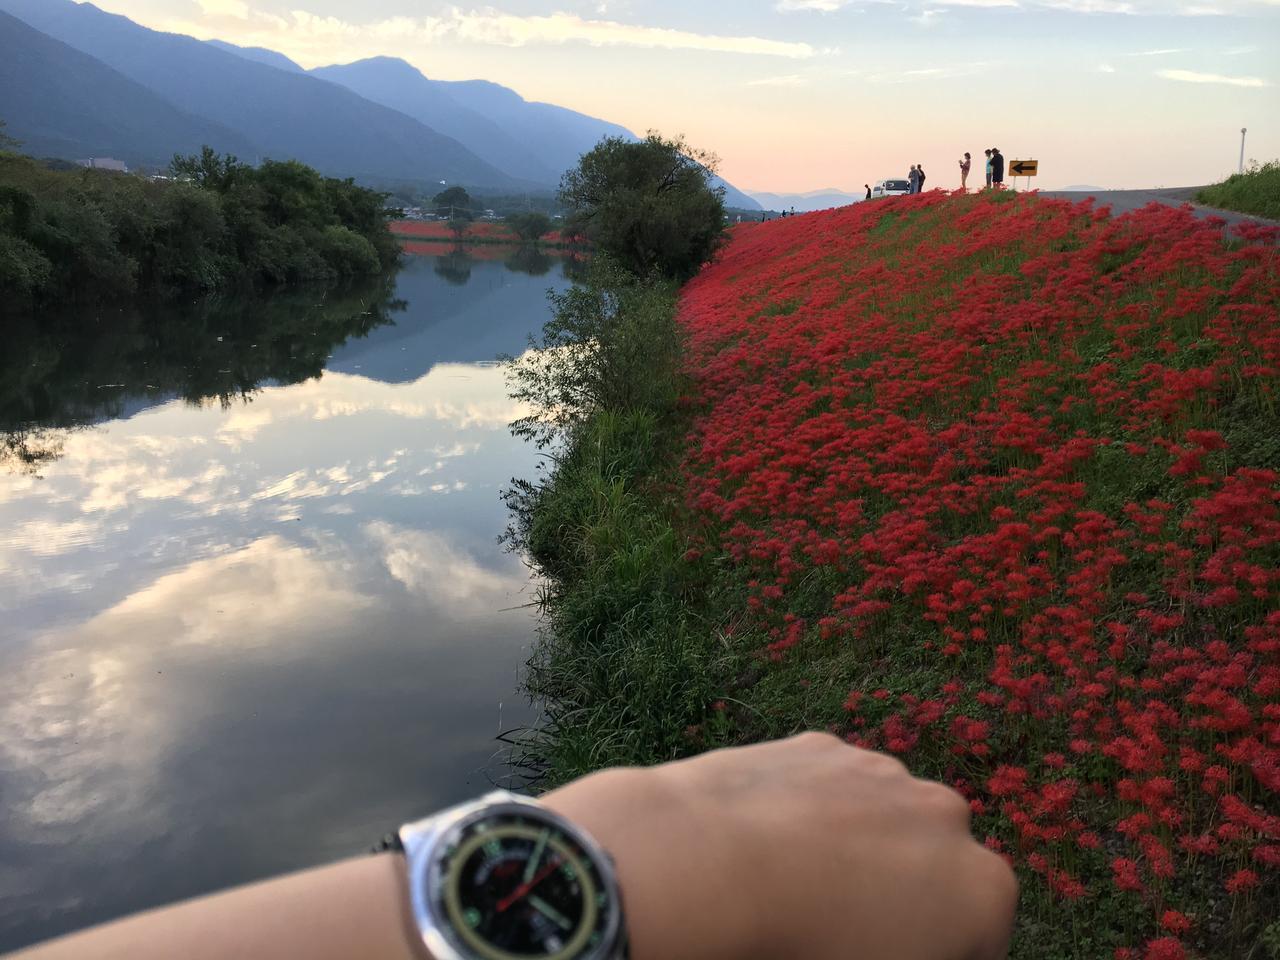 画像: 夕暮れ時の彼岸花。 先週のことですが海津市南濃町にある津屋川の堤防。赤い絨毯で敷き詰められた土手はとても美しかった。